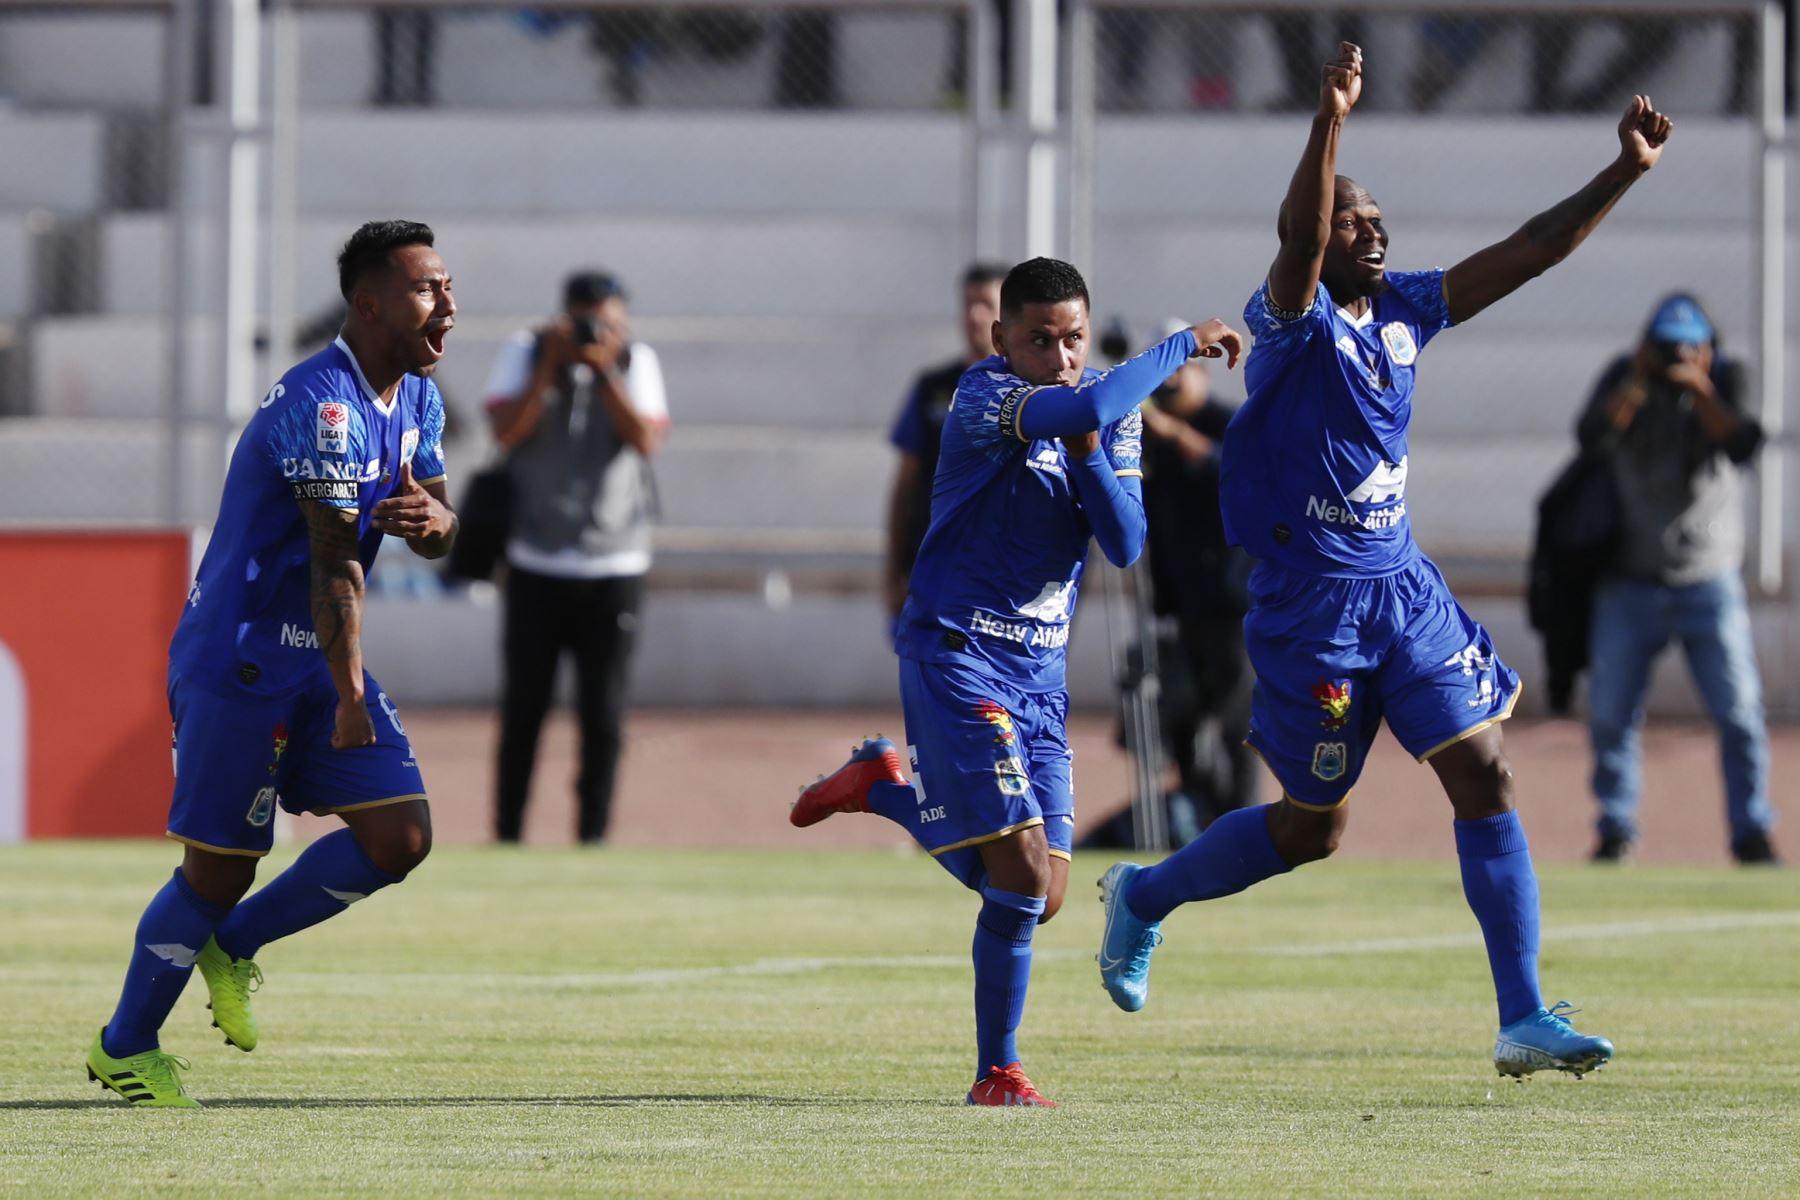 Jugadores de Binacional celebran el gol ante Alianza Lima en el partido de ida en la final del fútbol peruano por la Liga 1, en la ciudad de Juliaca – Puno. Foto: ANDINA/Carlos Lezama